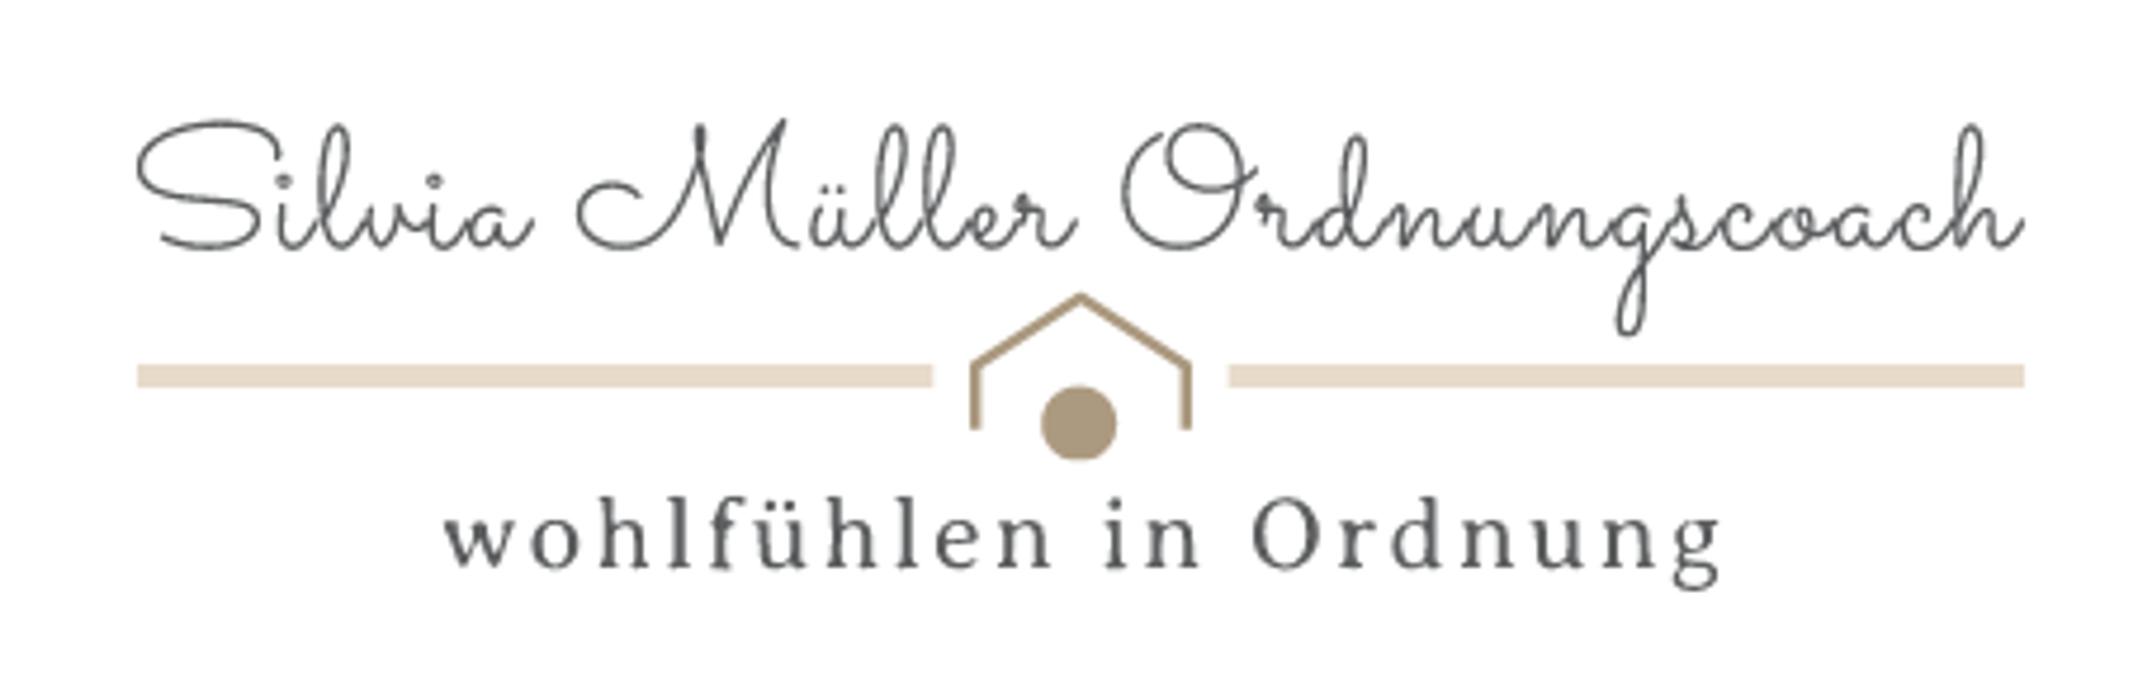 Bild zu Silvia Müller Ordnungscoach - wohlfühlen in Ordnung in Hof (Saale)